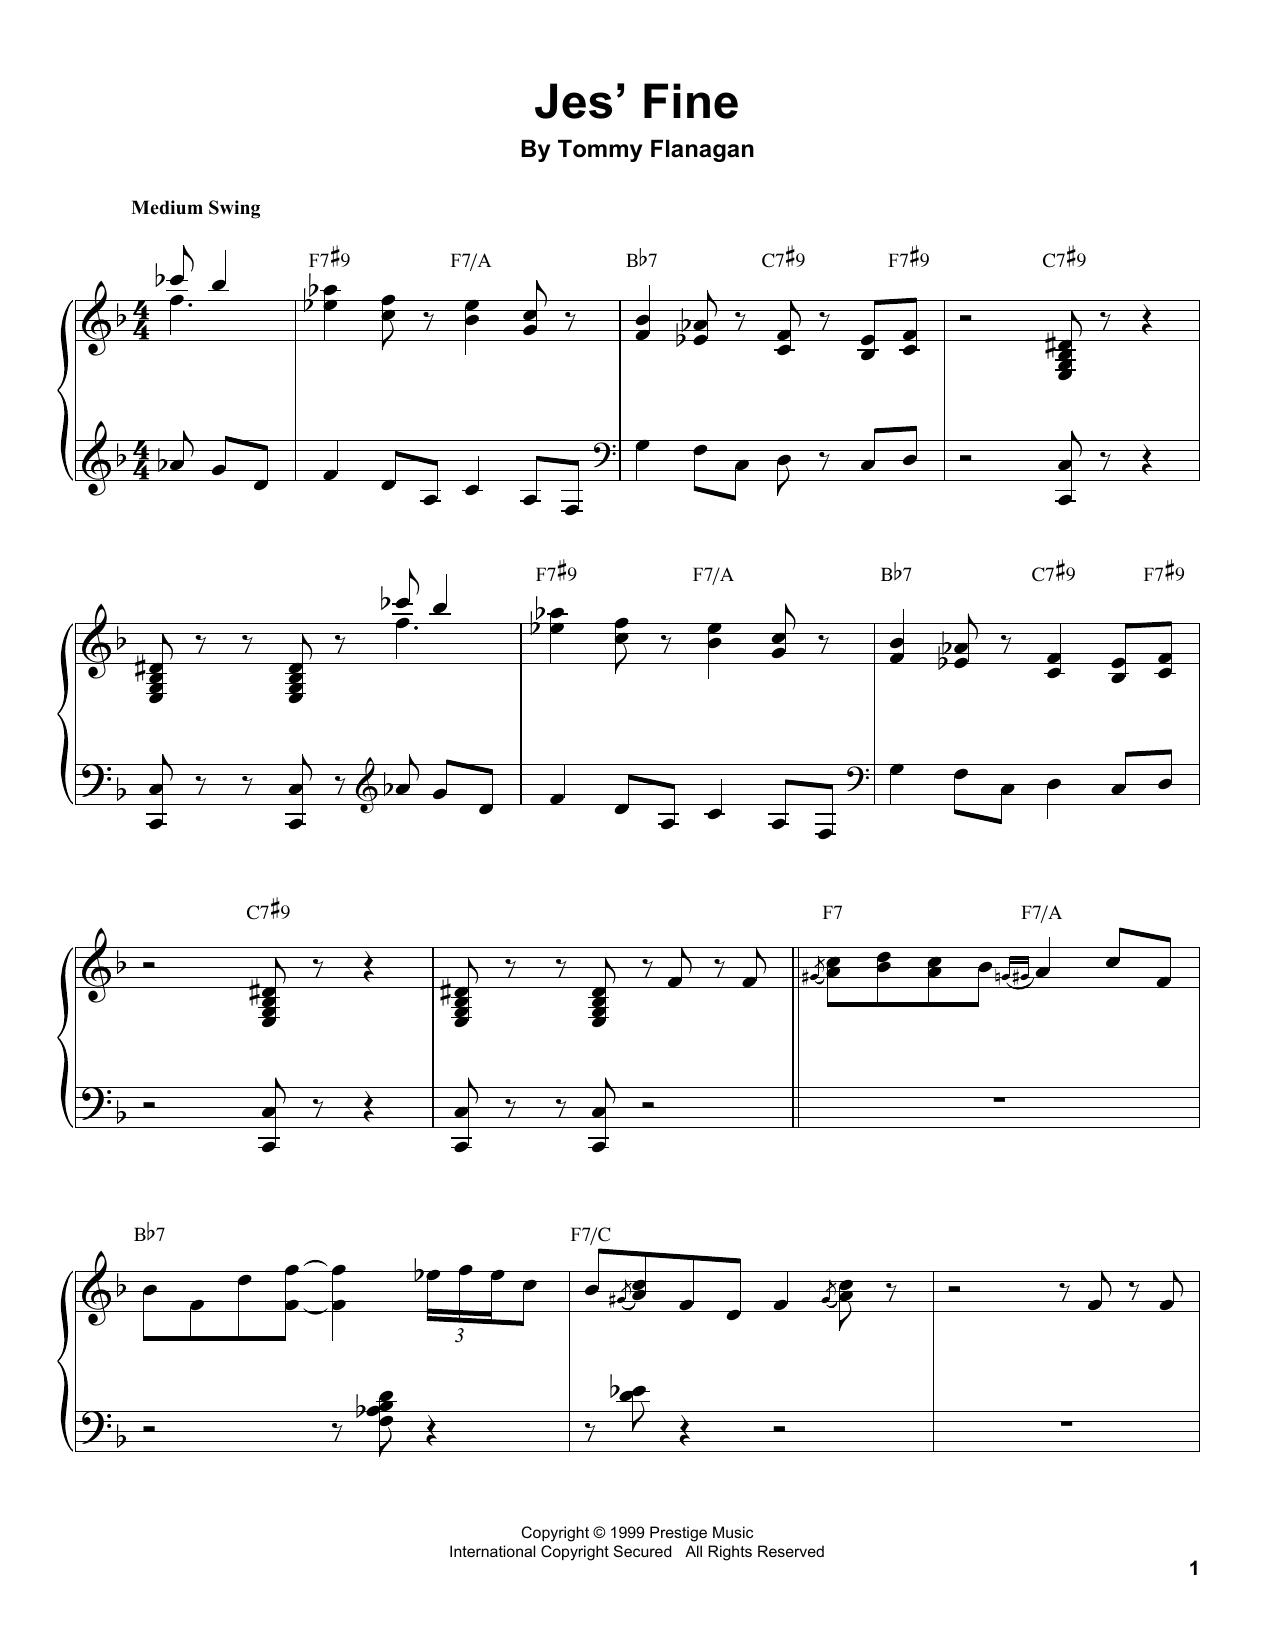 Jes' Fine Sheet Music